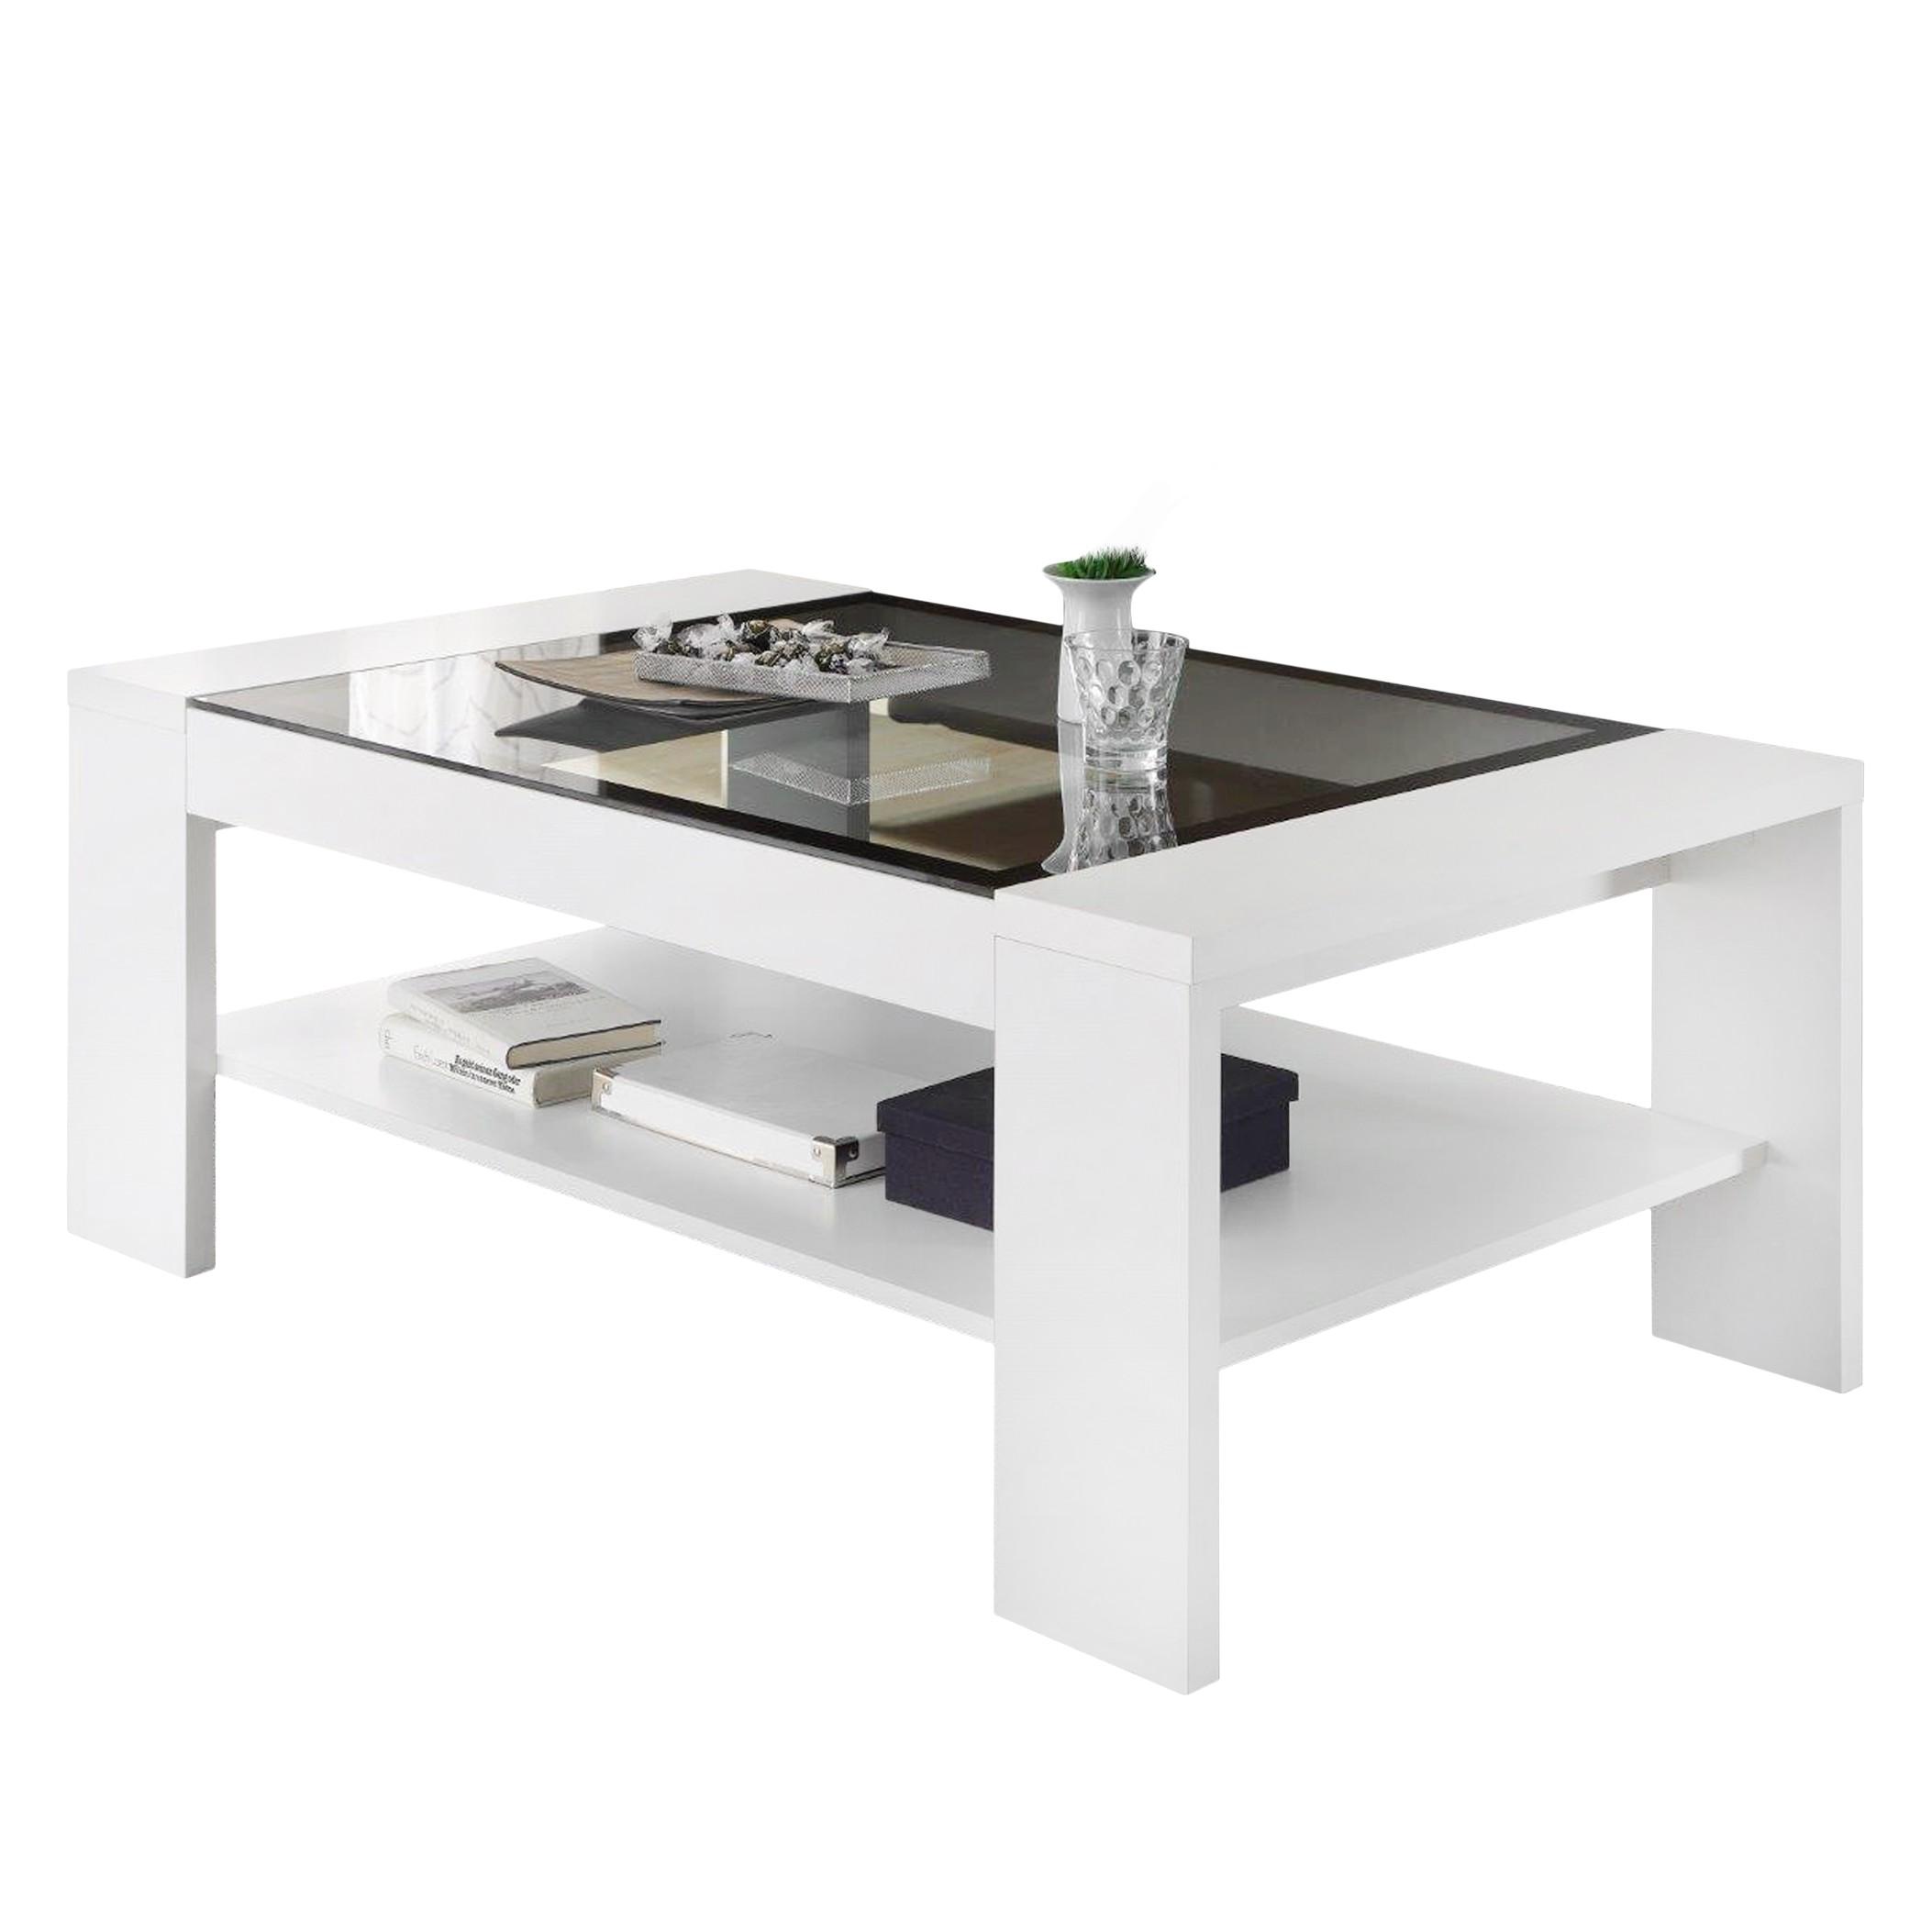 couchtisch hochglanz weiss preisvergleich die besten angebote online kaufen. Black Bedroom Furniture Sets. Home Design Ideas